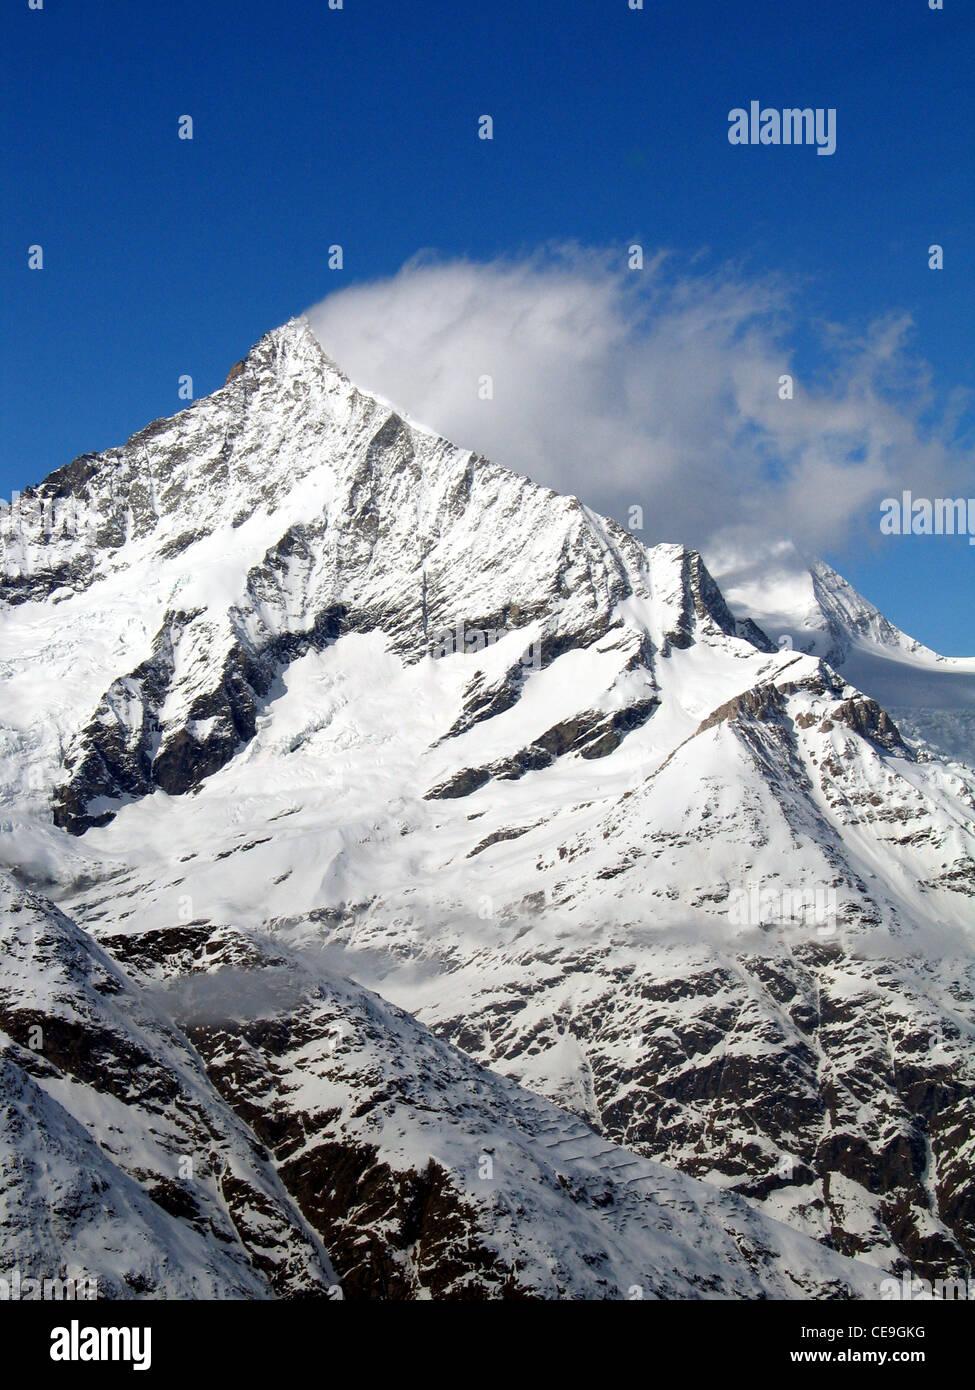 Blick auf das Matterhorn, Monte Cervino oder Mont Cervin Berg in den Walliser Alpen an der Grenze zwischen der Schweiz Stockfoto